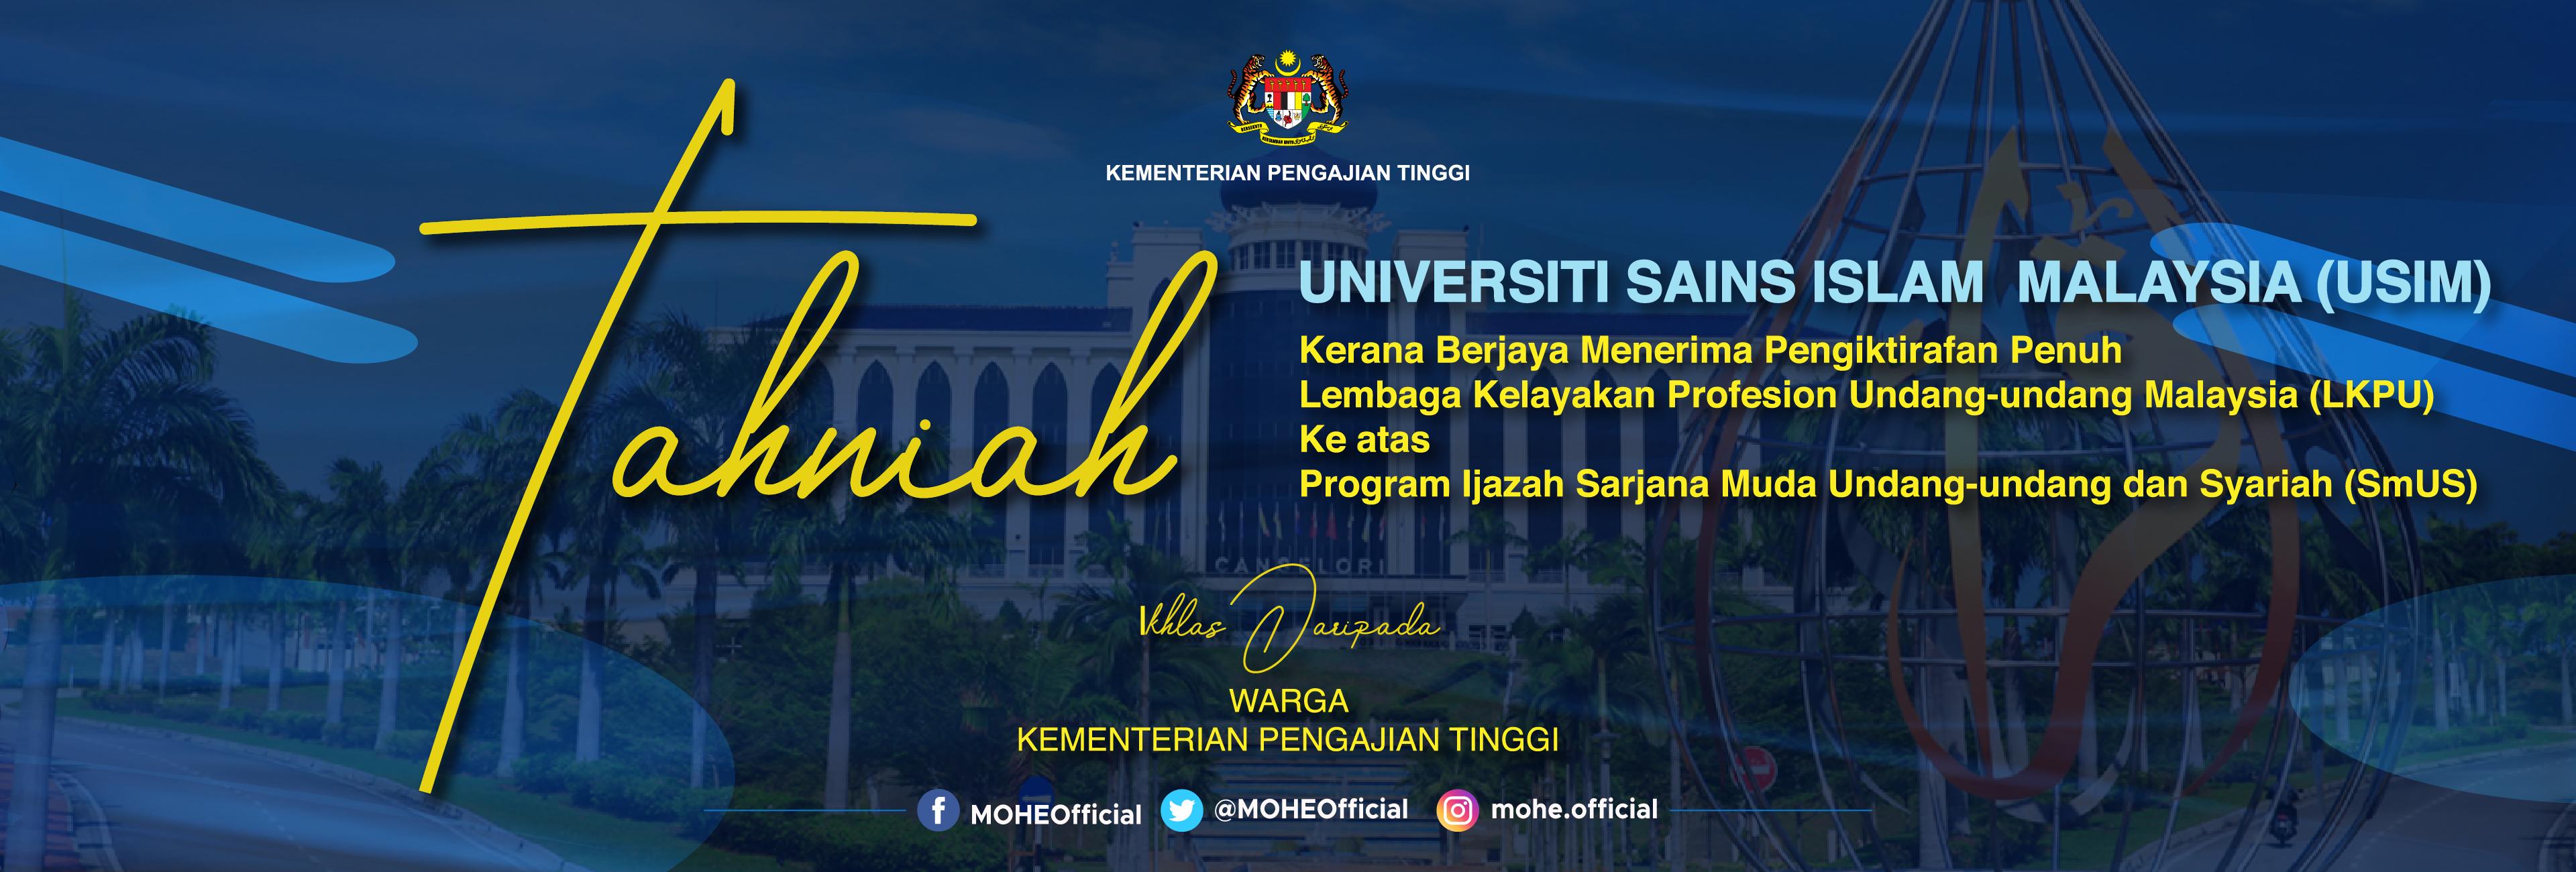 Tahniah atas Pengiktirafan program ijazah sarjana muda undang-undang dan syariah dengan kepujian Universiti Sains Islam Malaysia (USIM)